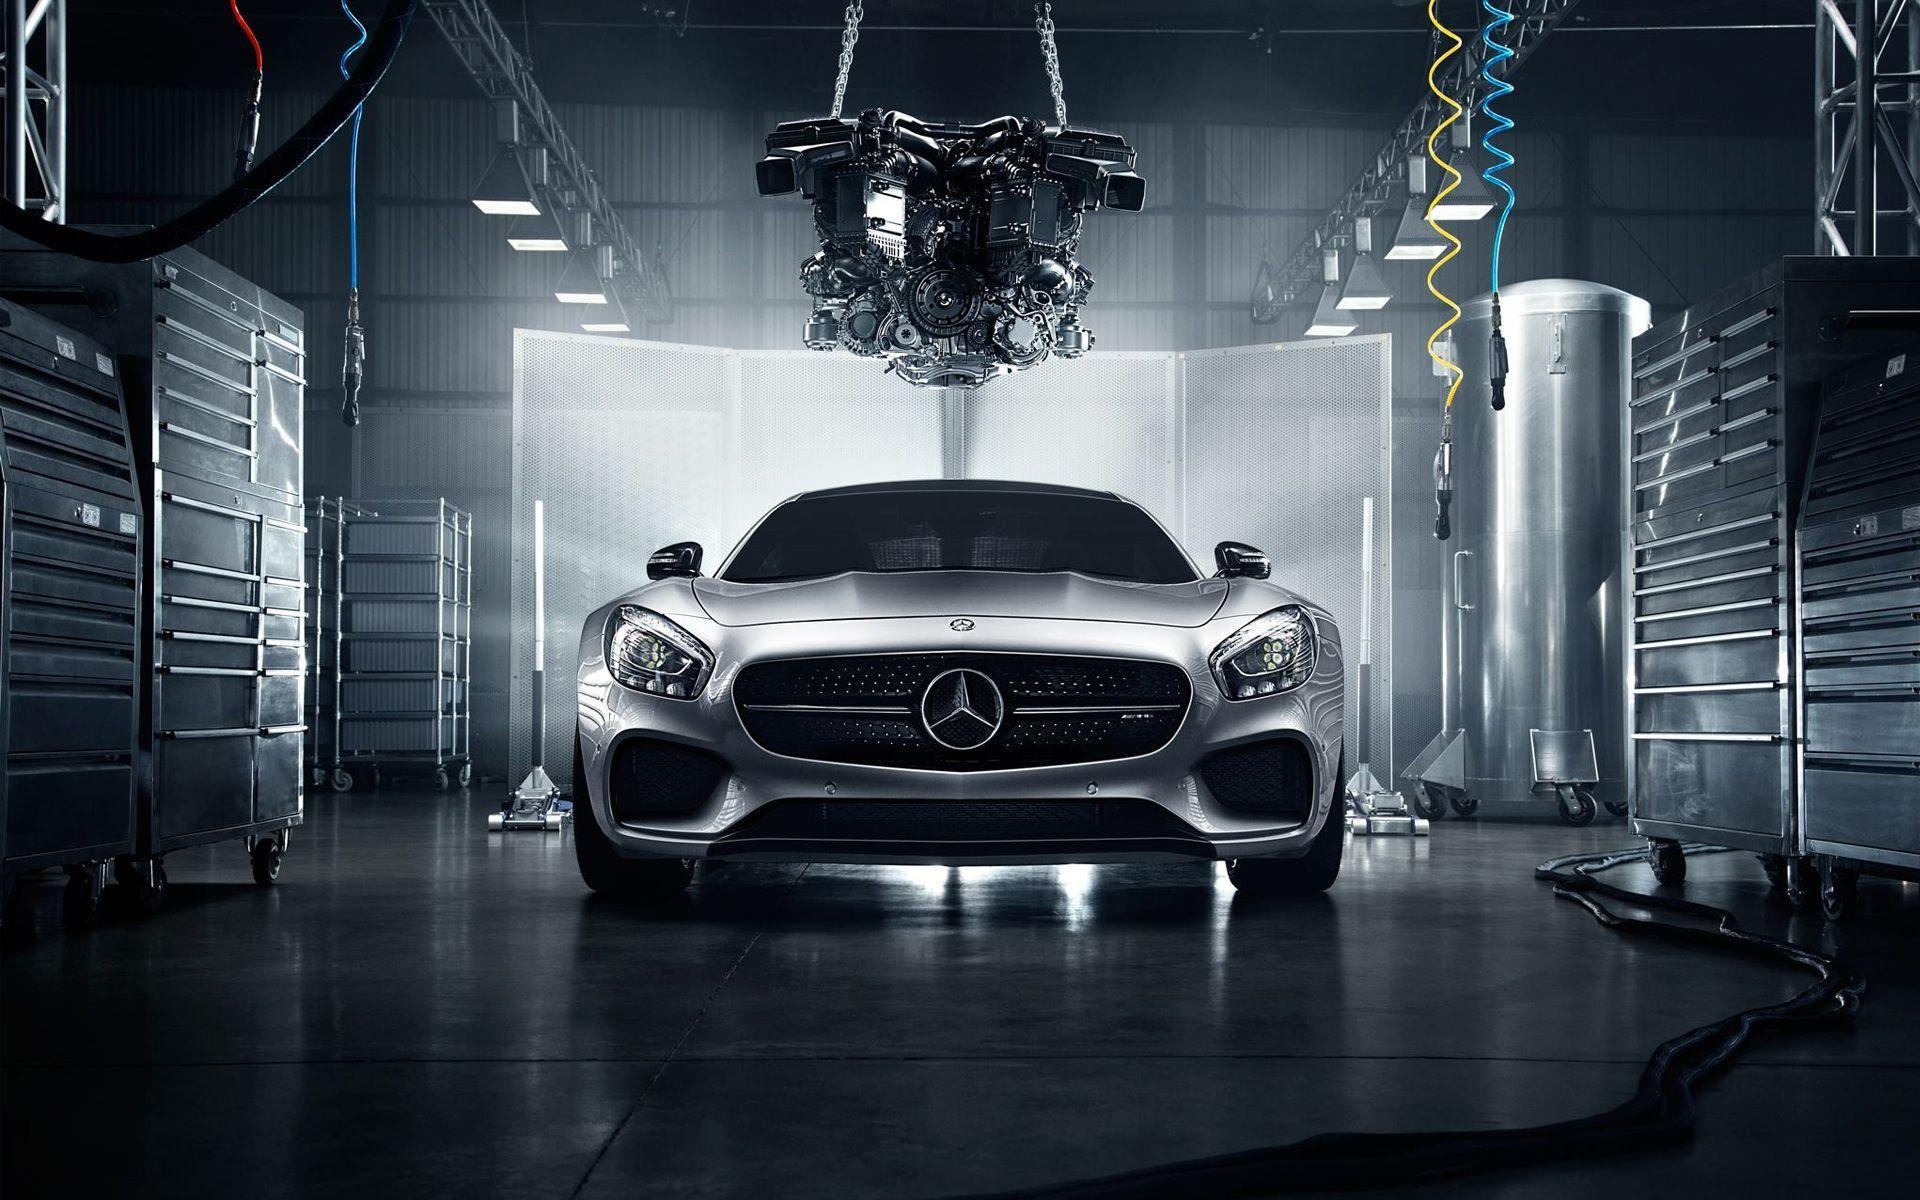 2016 Mercedes Benz AMG GT S Wallpaper | HD Car Wallpapers